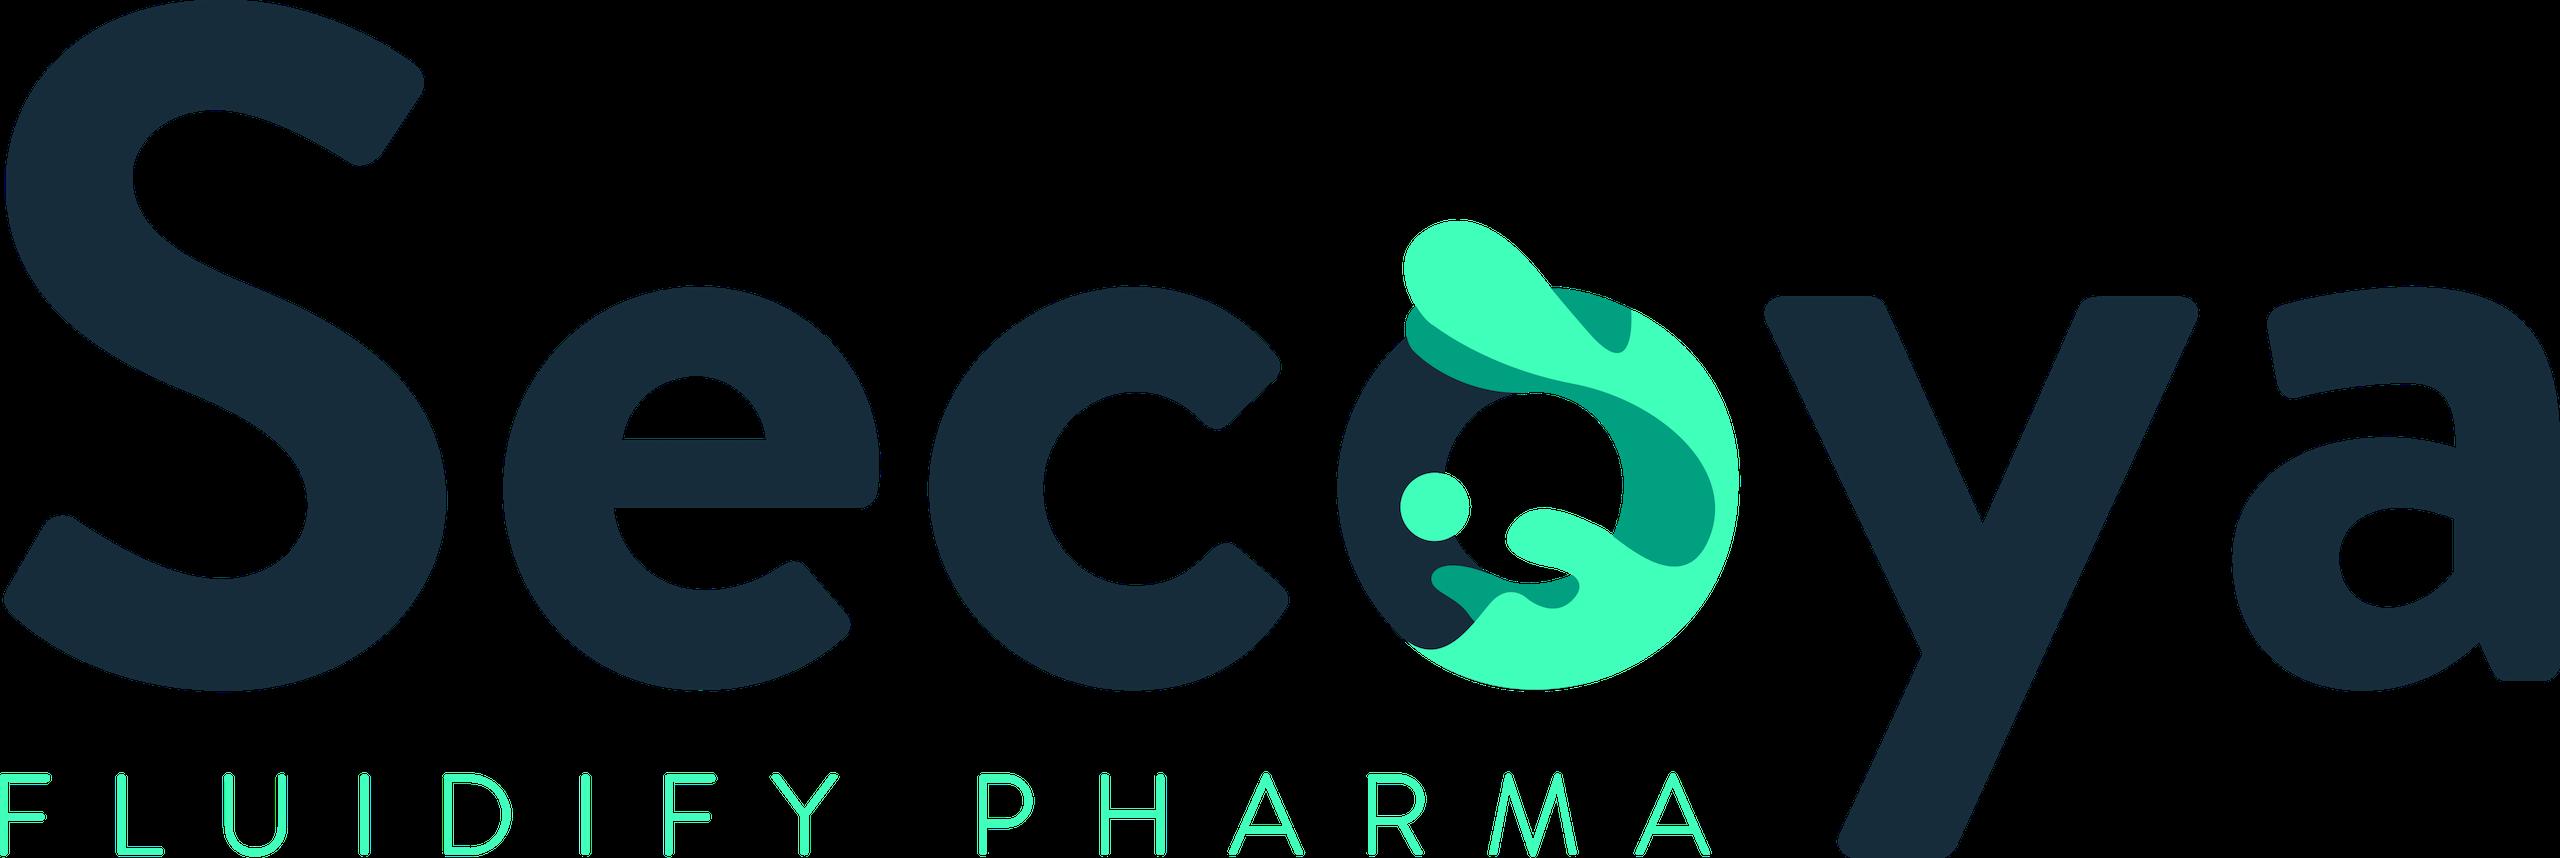 logo-Secoya-Pos